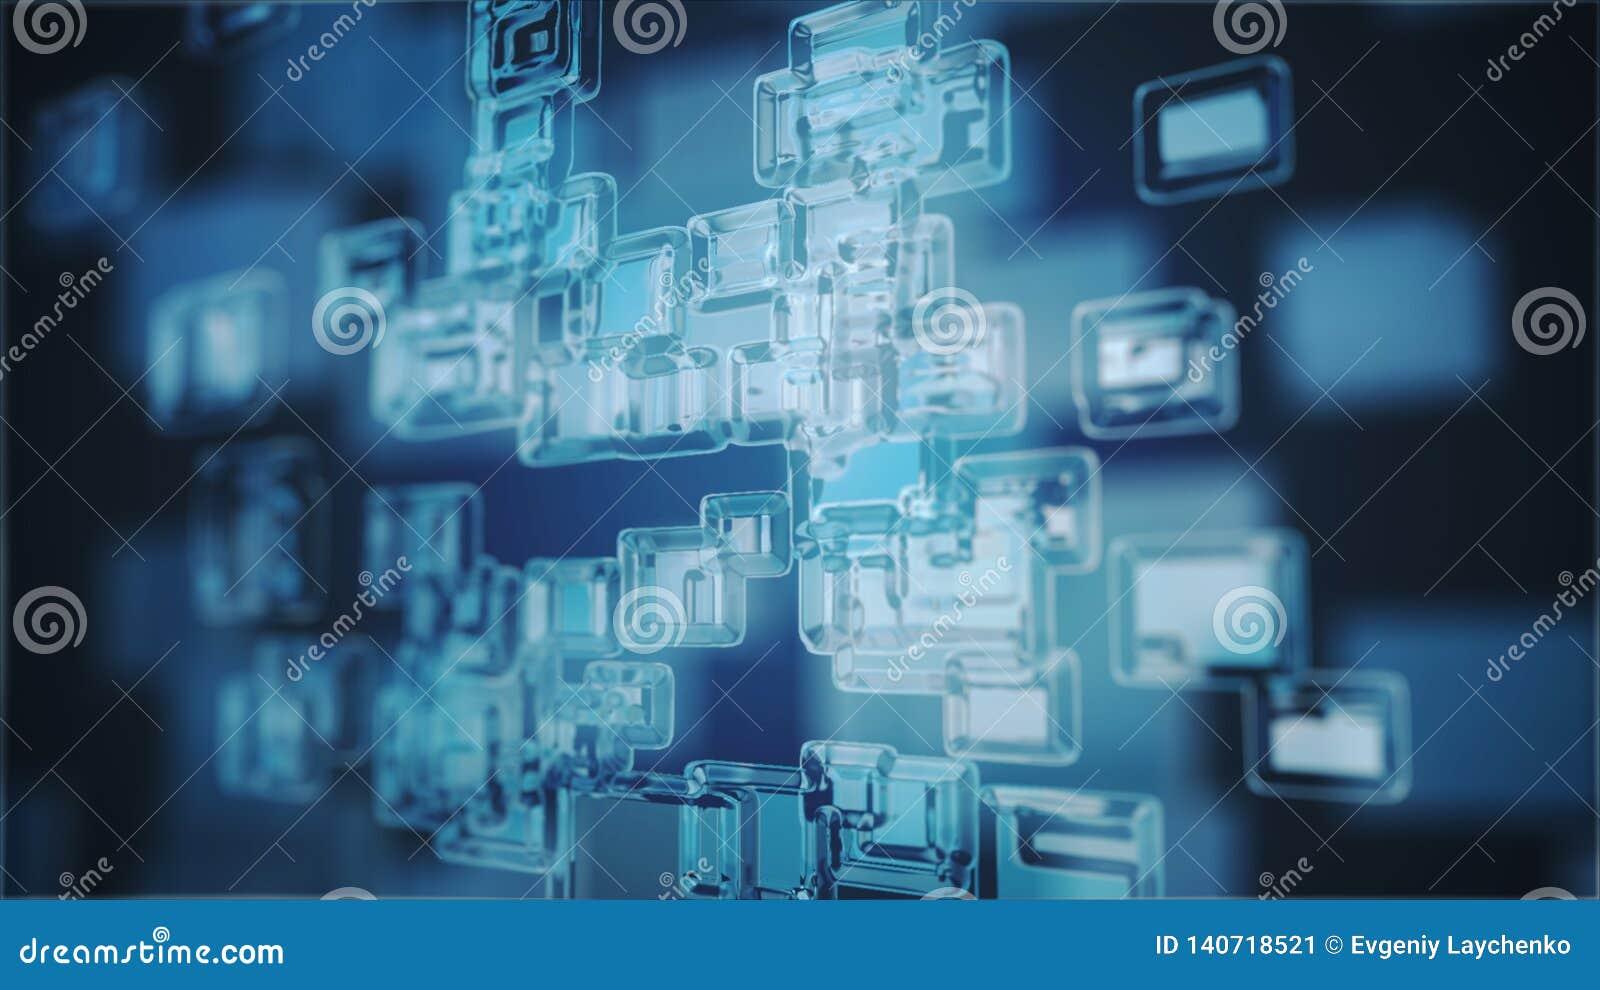 Digital erzeugtes Bild des Blaulichts und der Streifen, die sich schnell bewegen